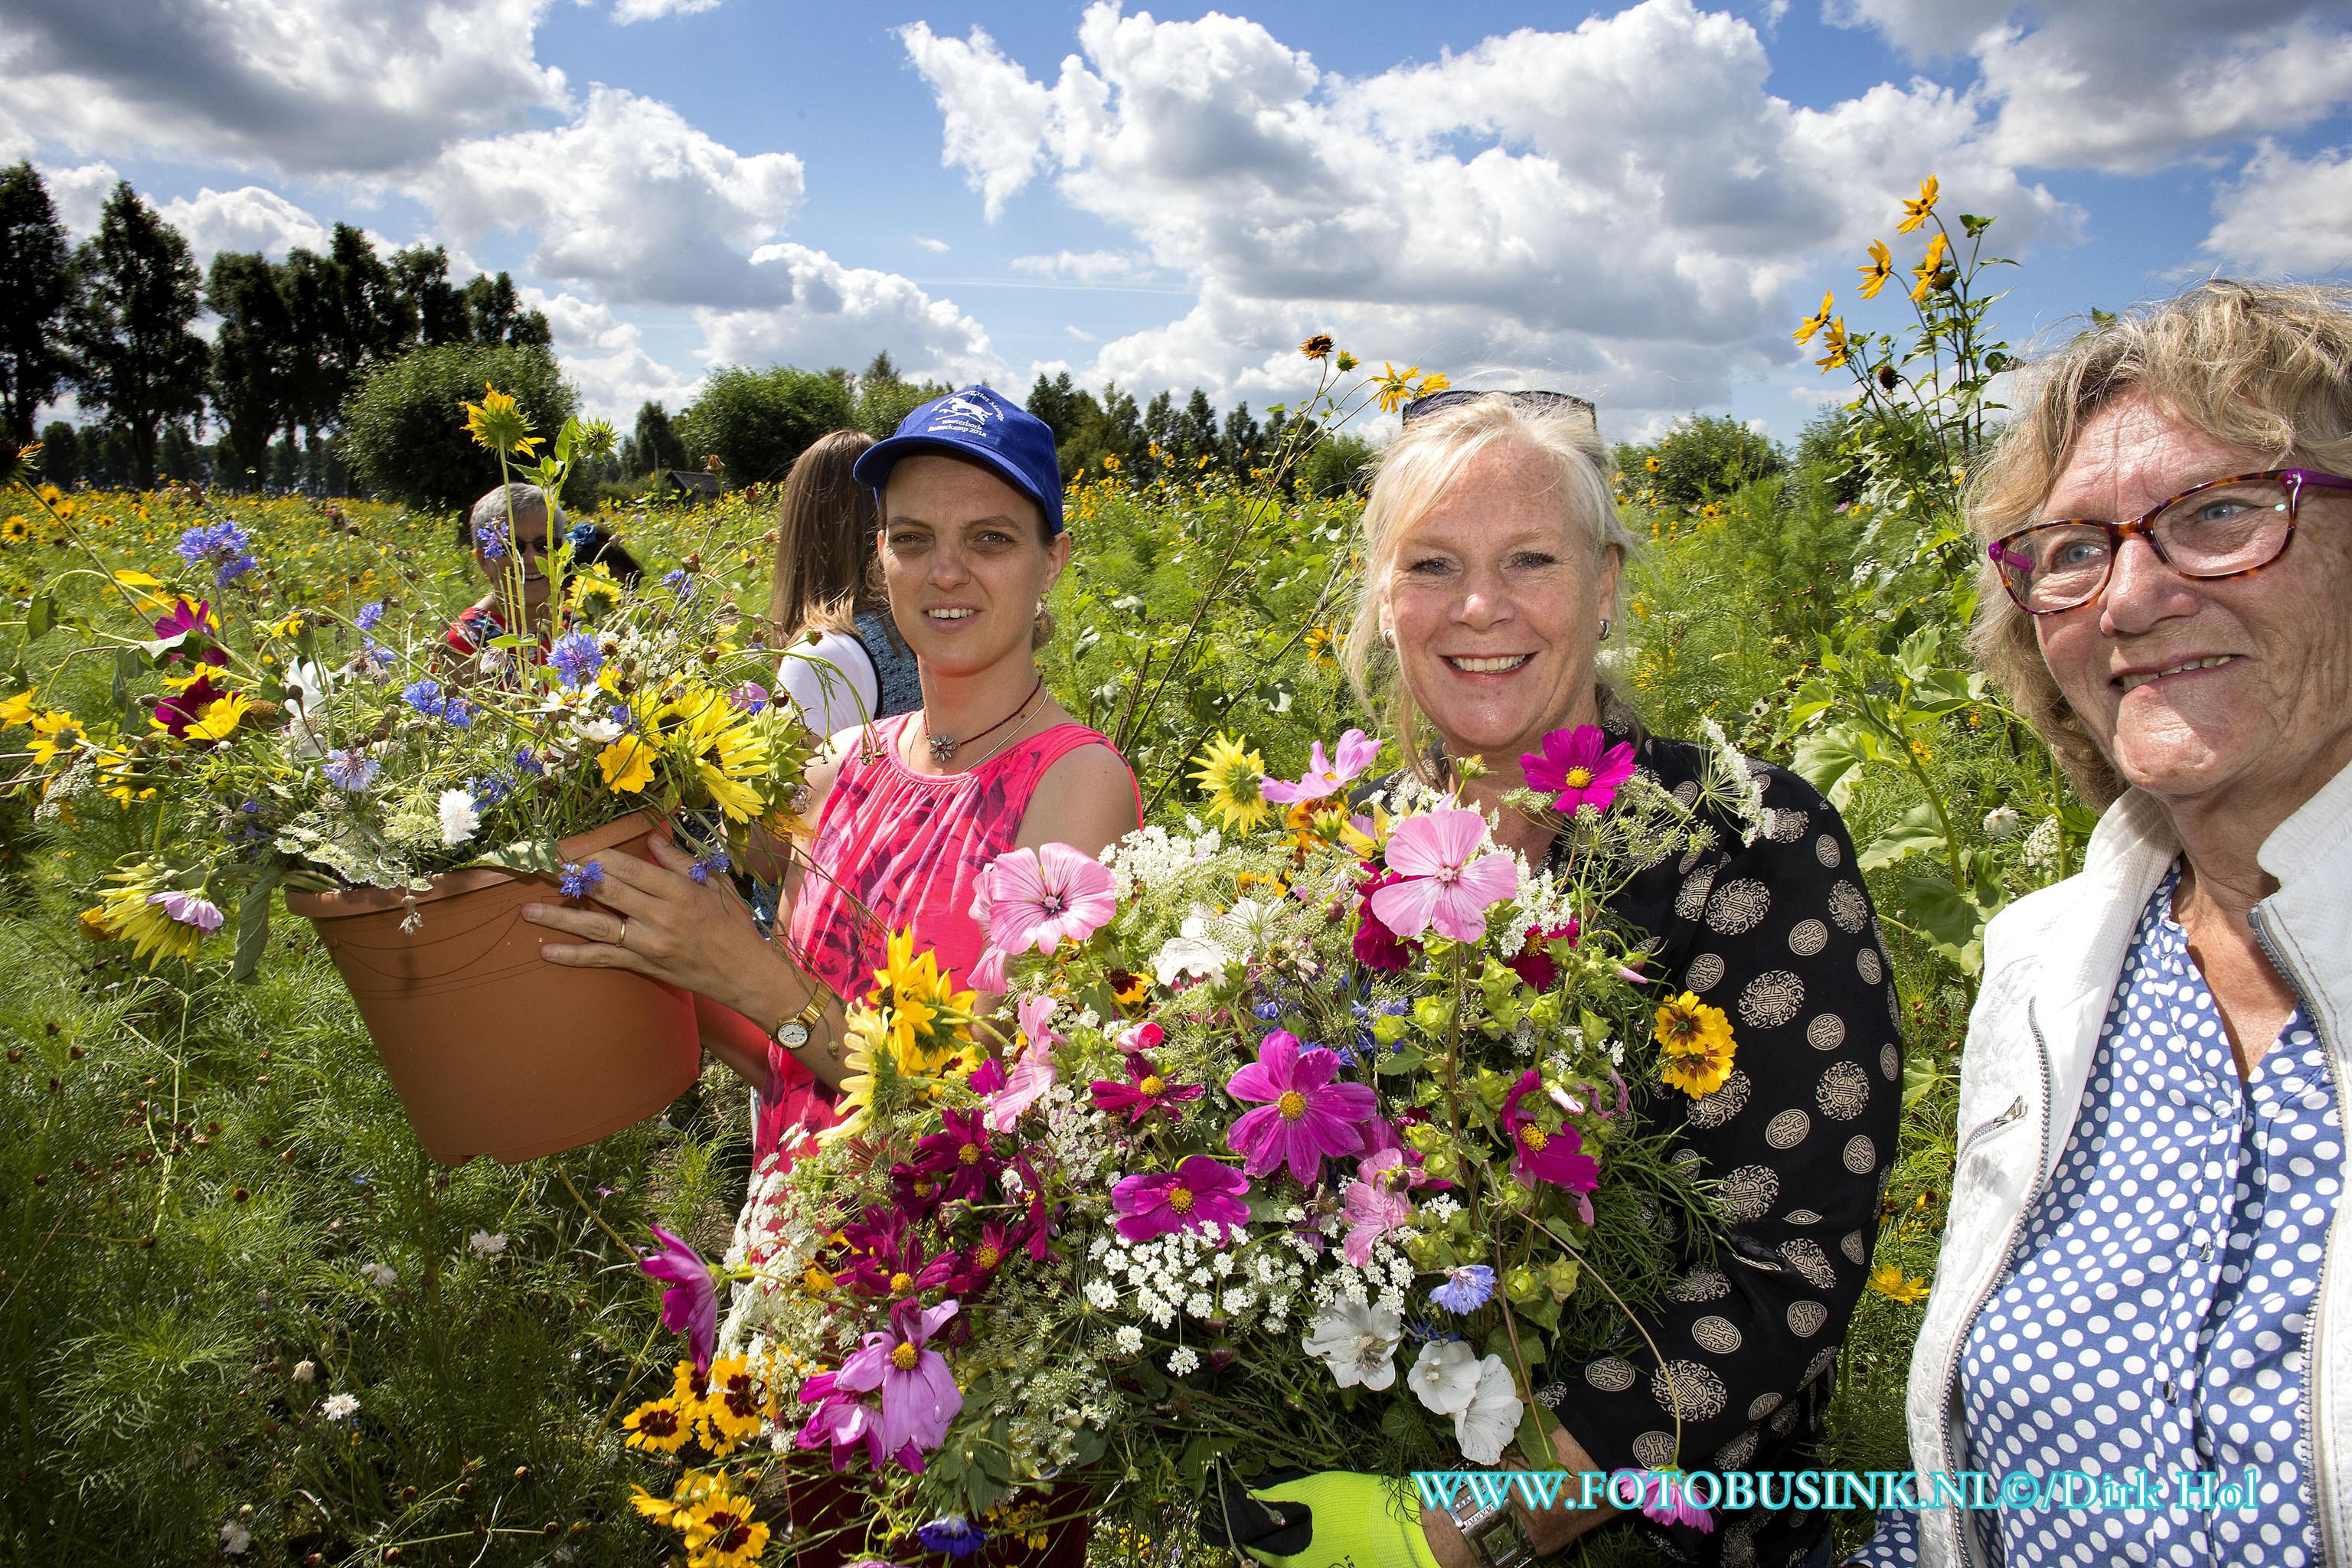 Prachtige bloemen plukken bij de watertoren in Dubbeldam.